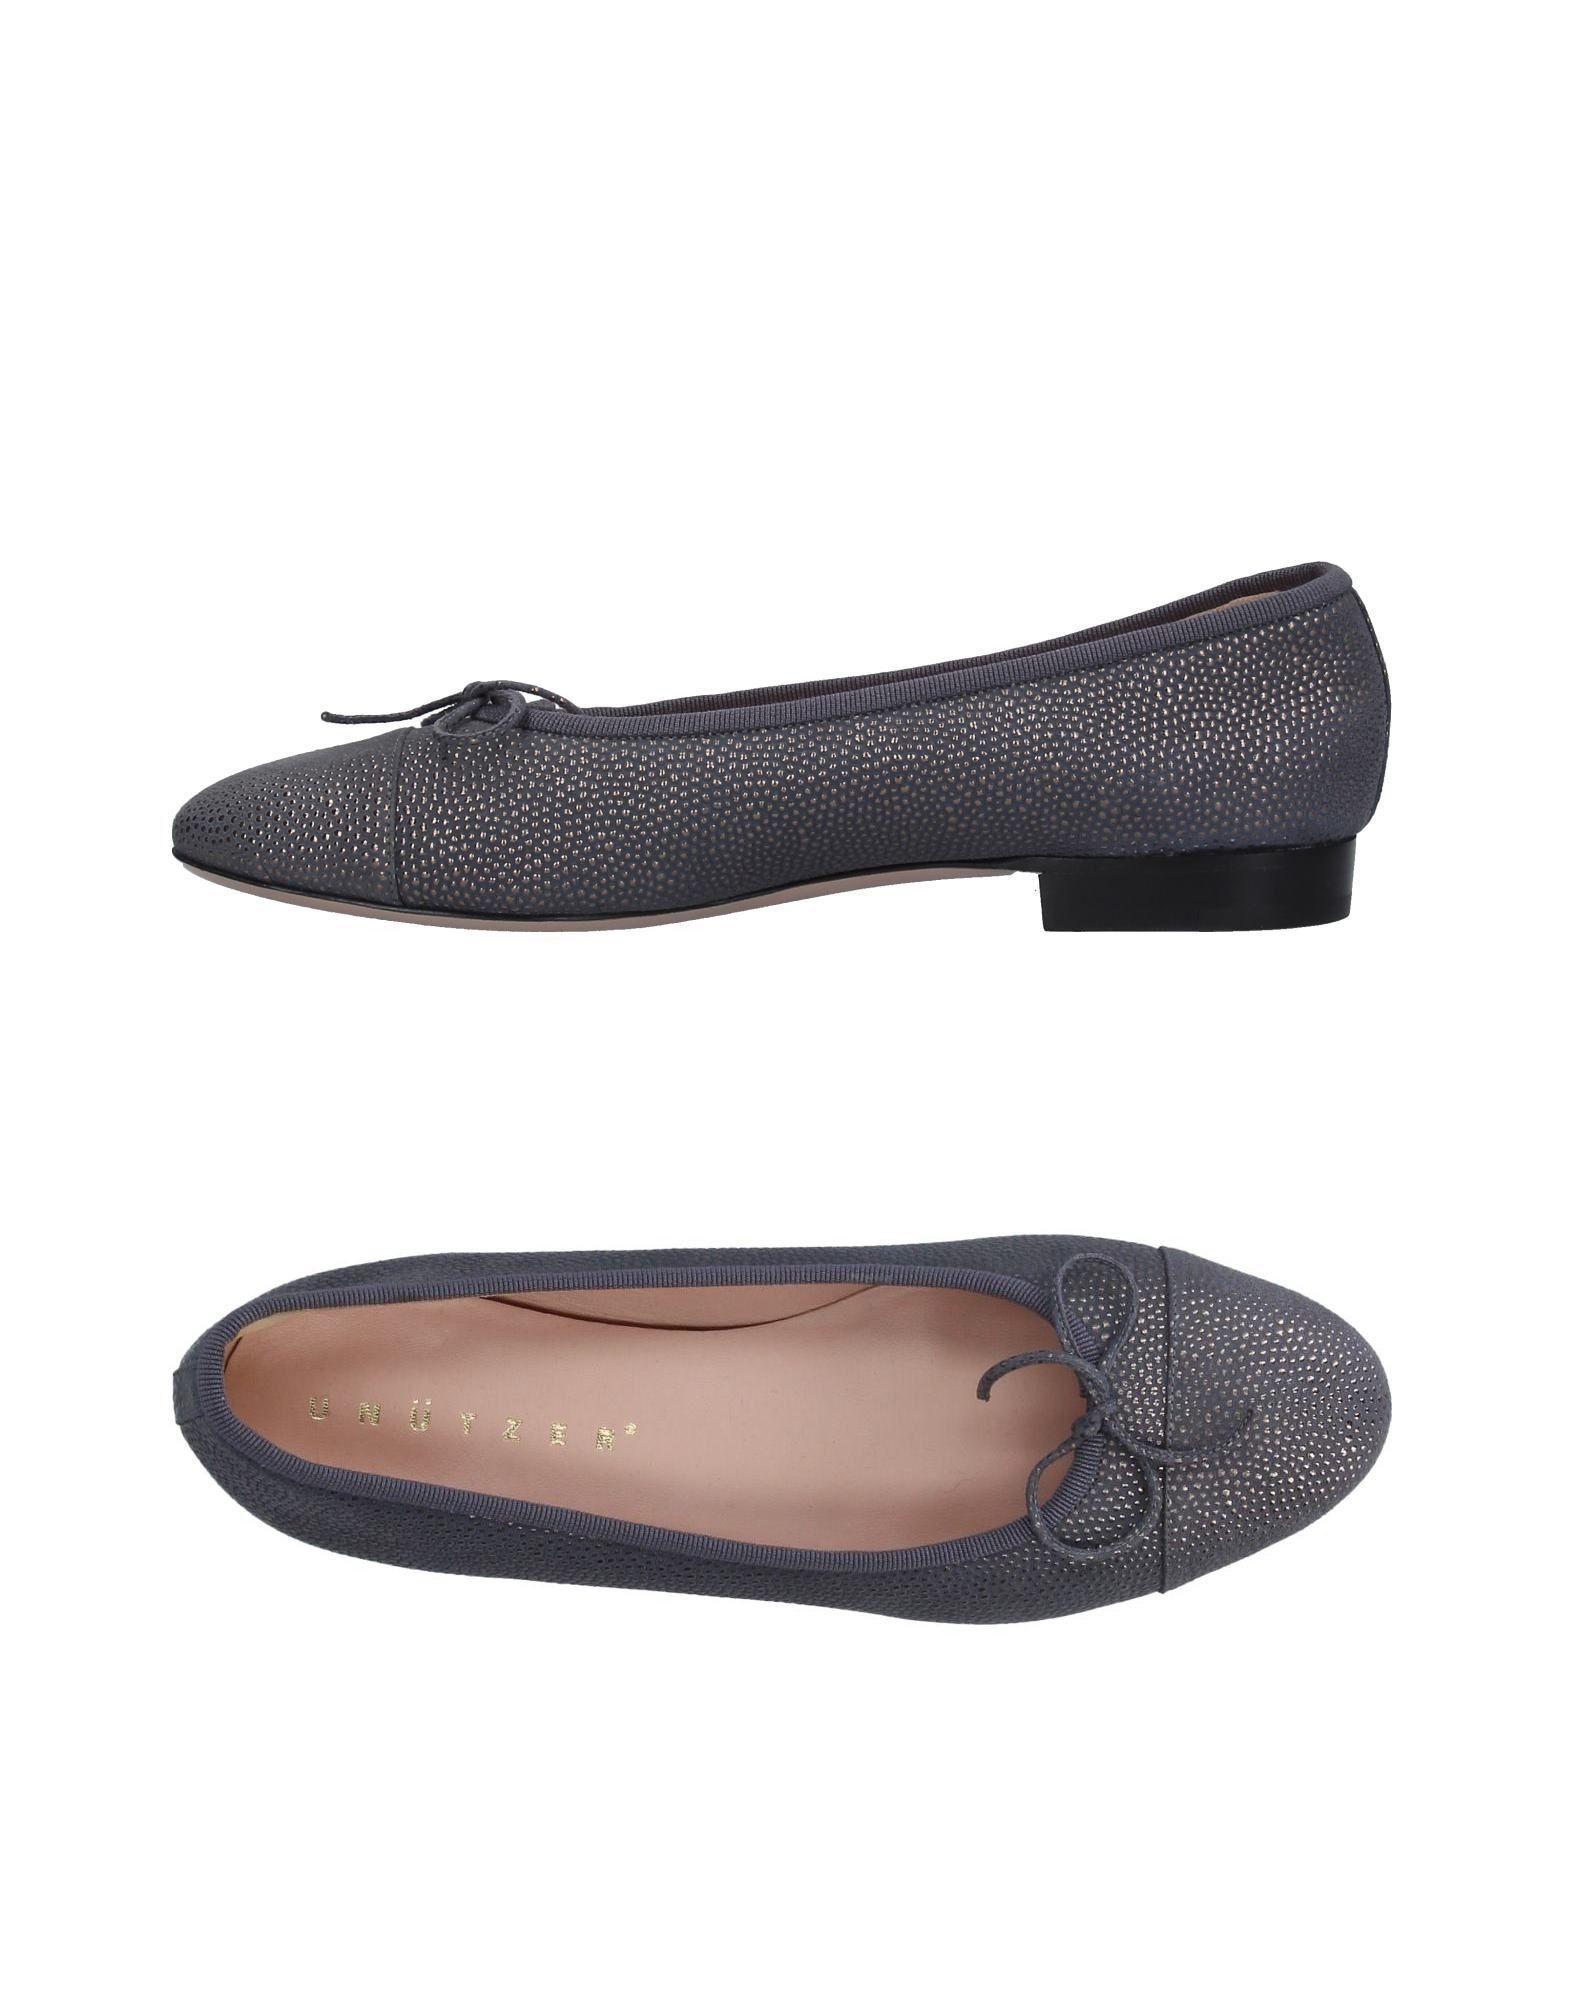 Unutzer Shoes Uk